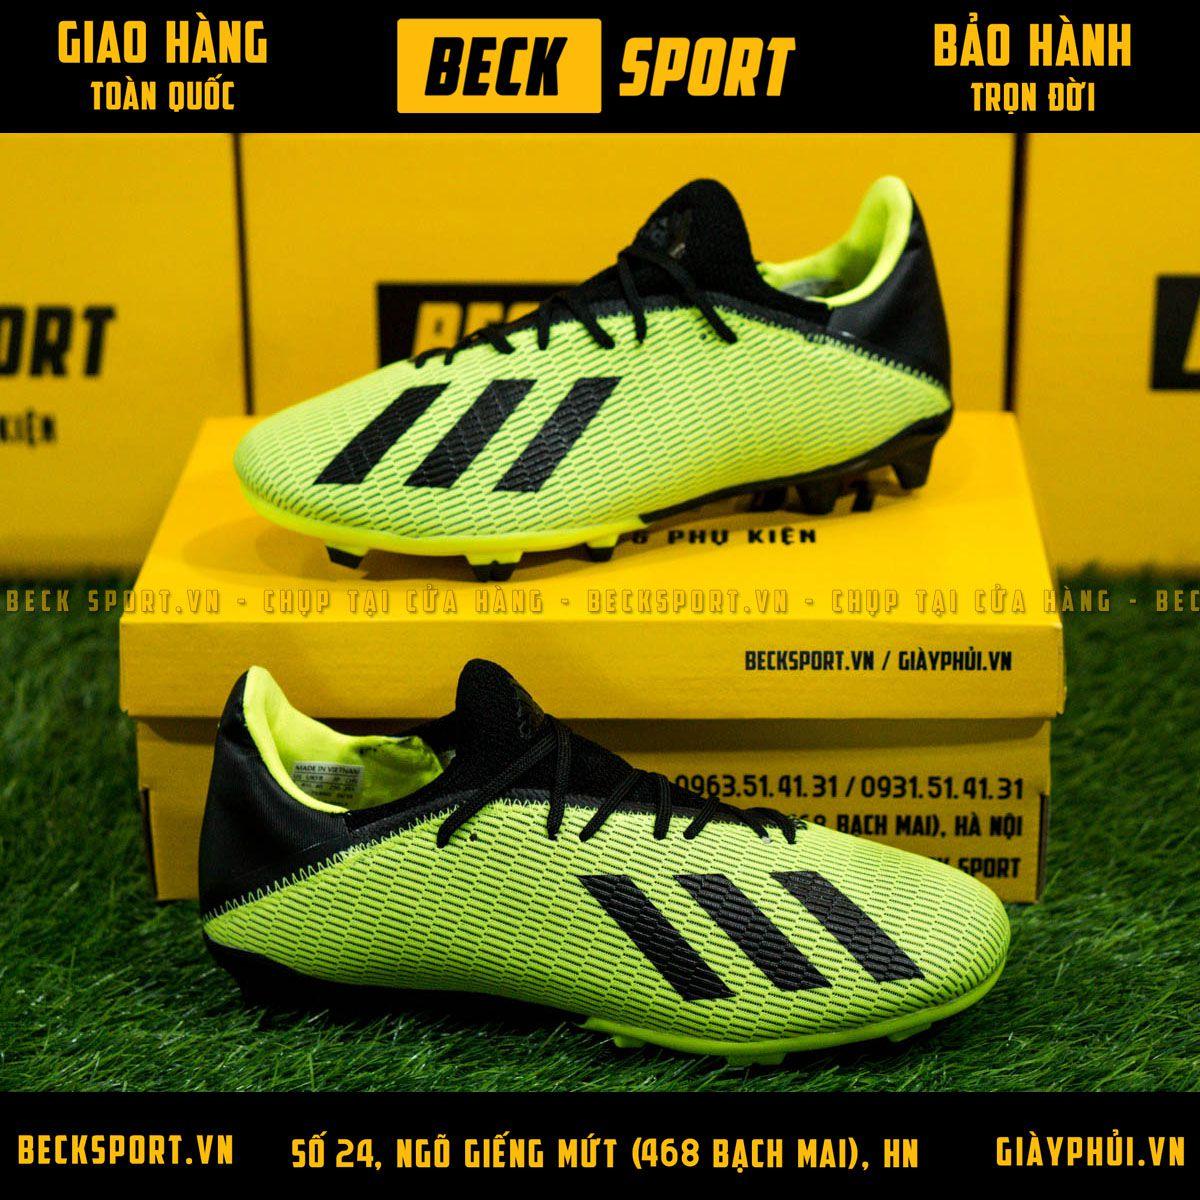 Giày Bóng Đá Adidas X 19.3 Xanh Lá Vạch Đen Gót Đen FG